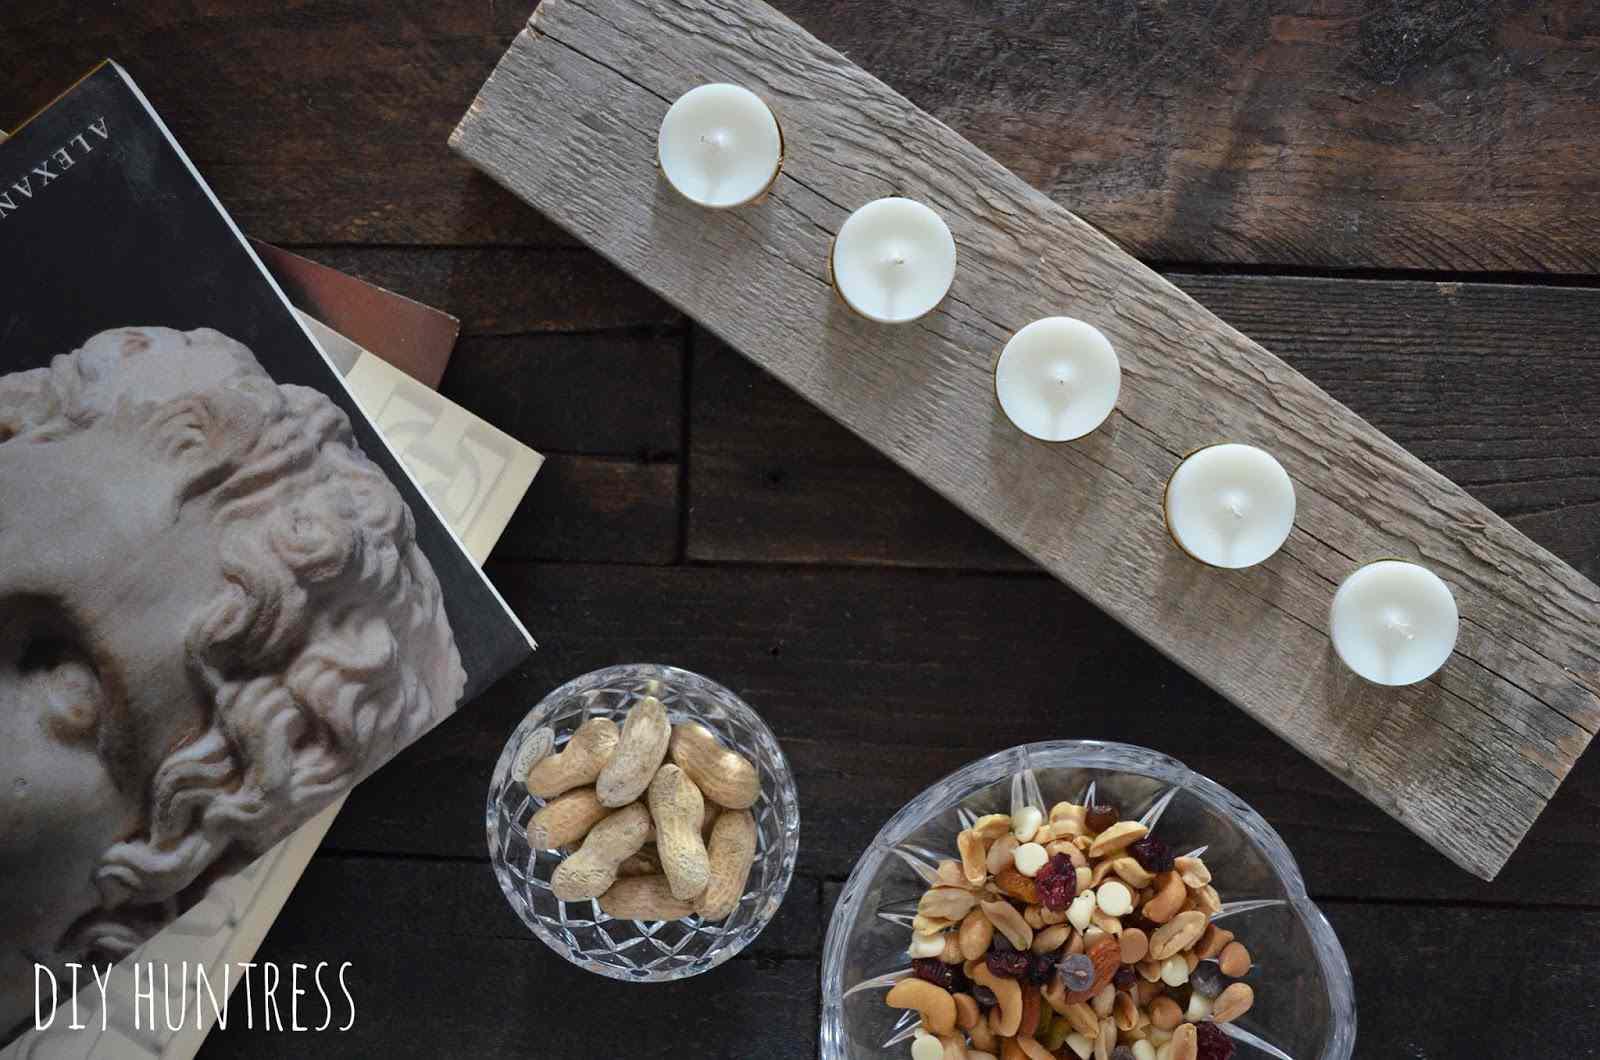 DIY Pallet Wood Candle Holder